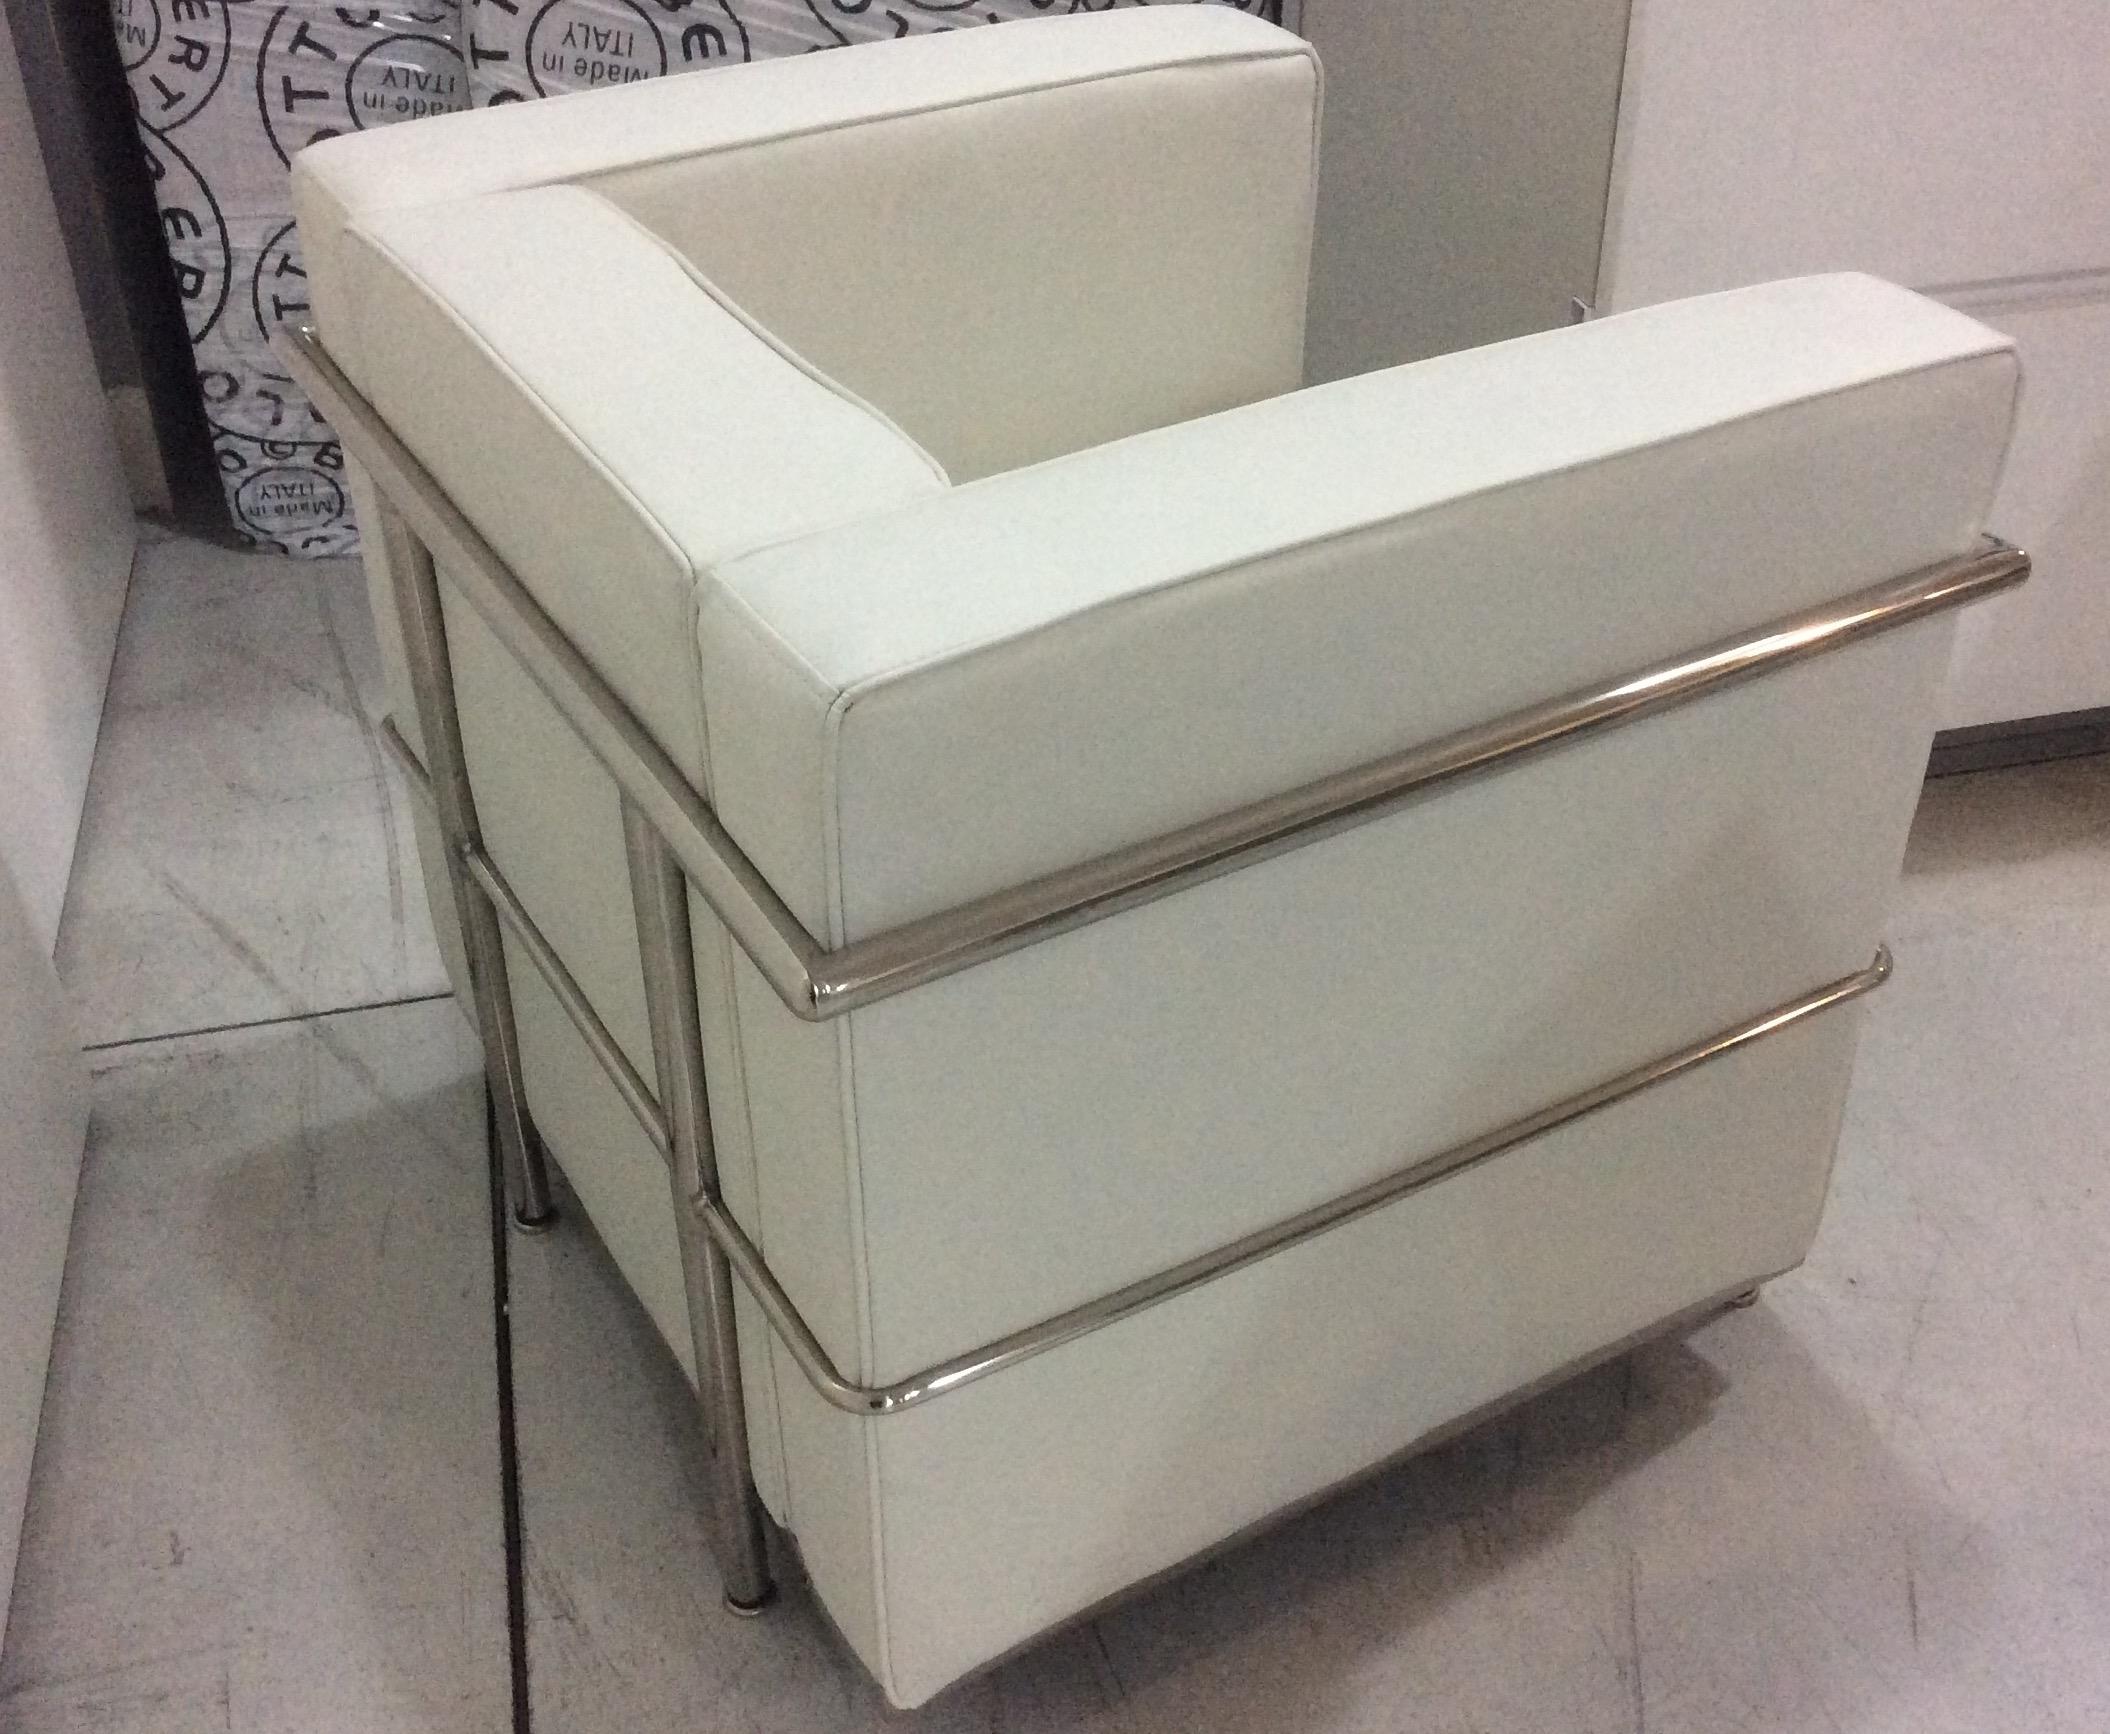 poltrona le corbusier design lc 2 divani a prezzi scontati. Black Bedroom Furniture Sets. Home Design Ideas